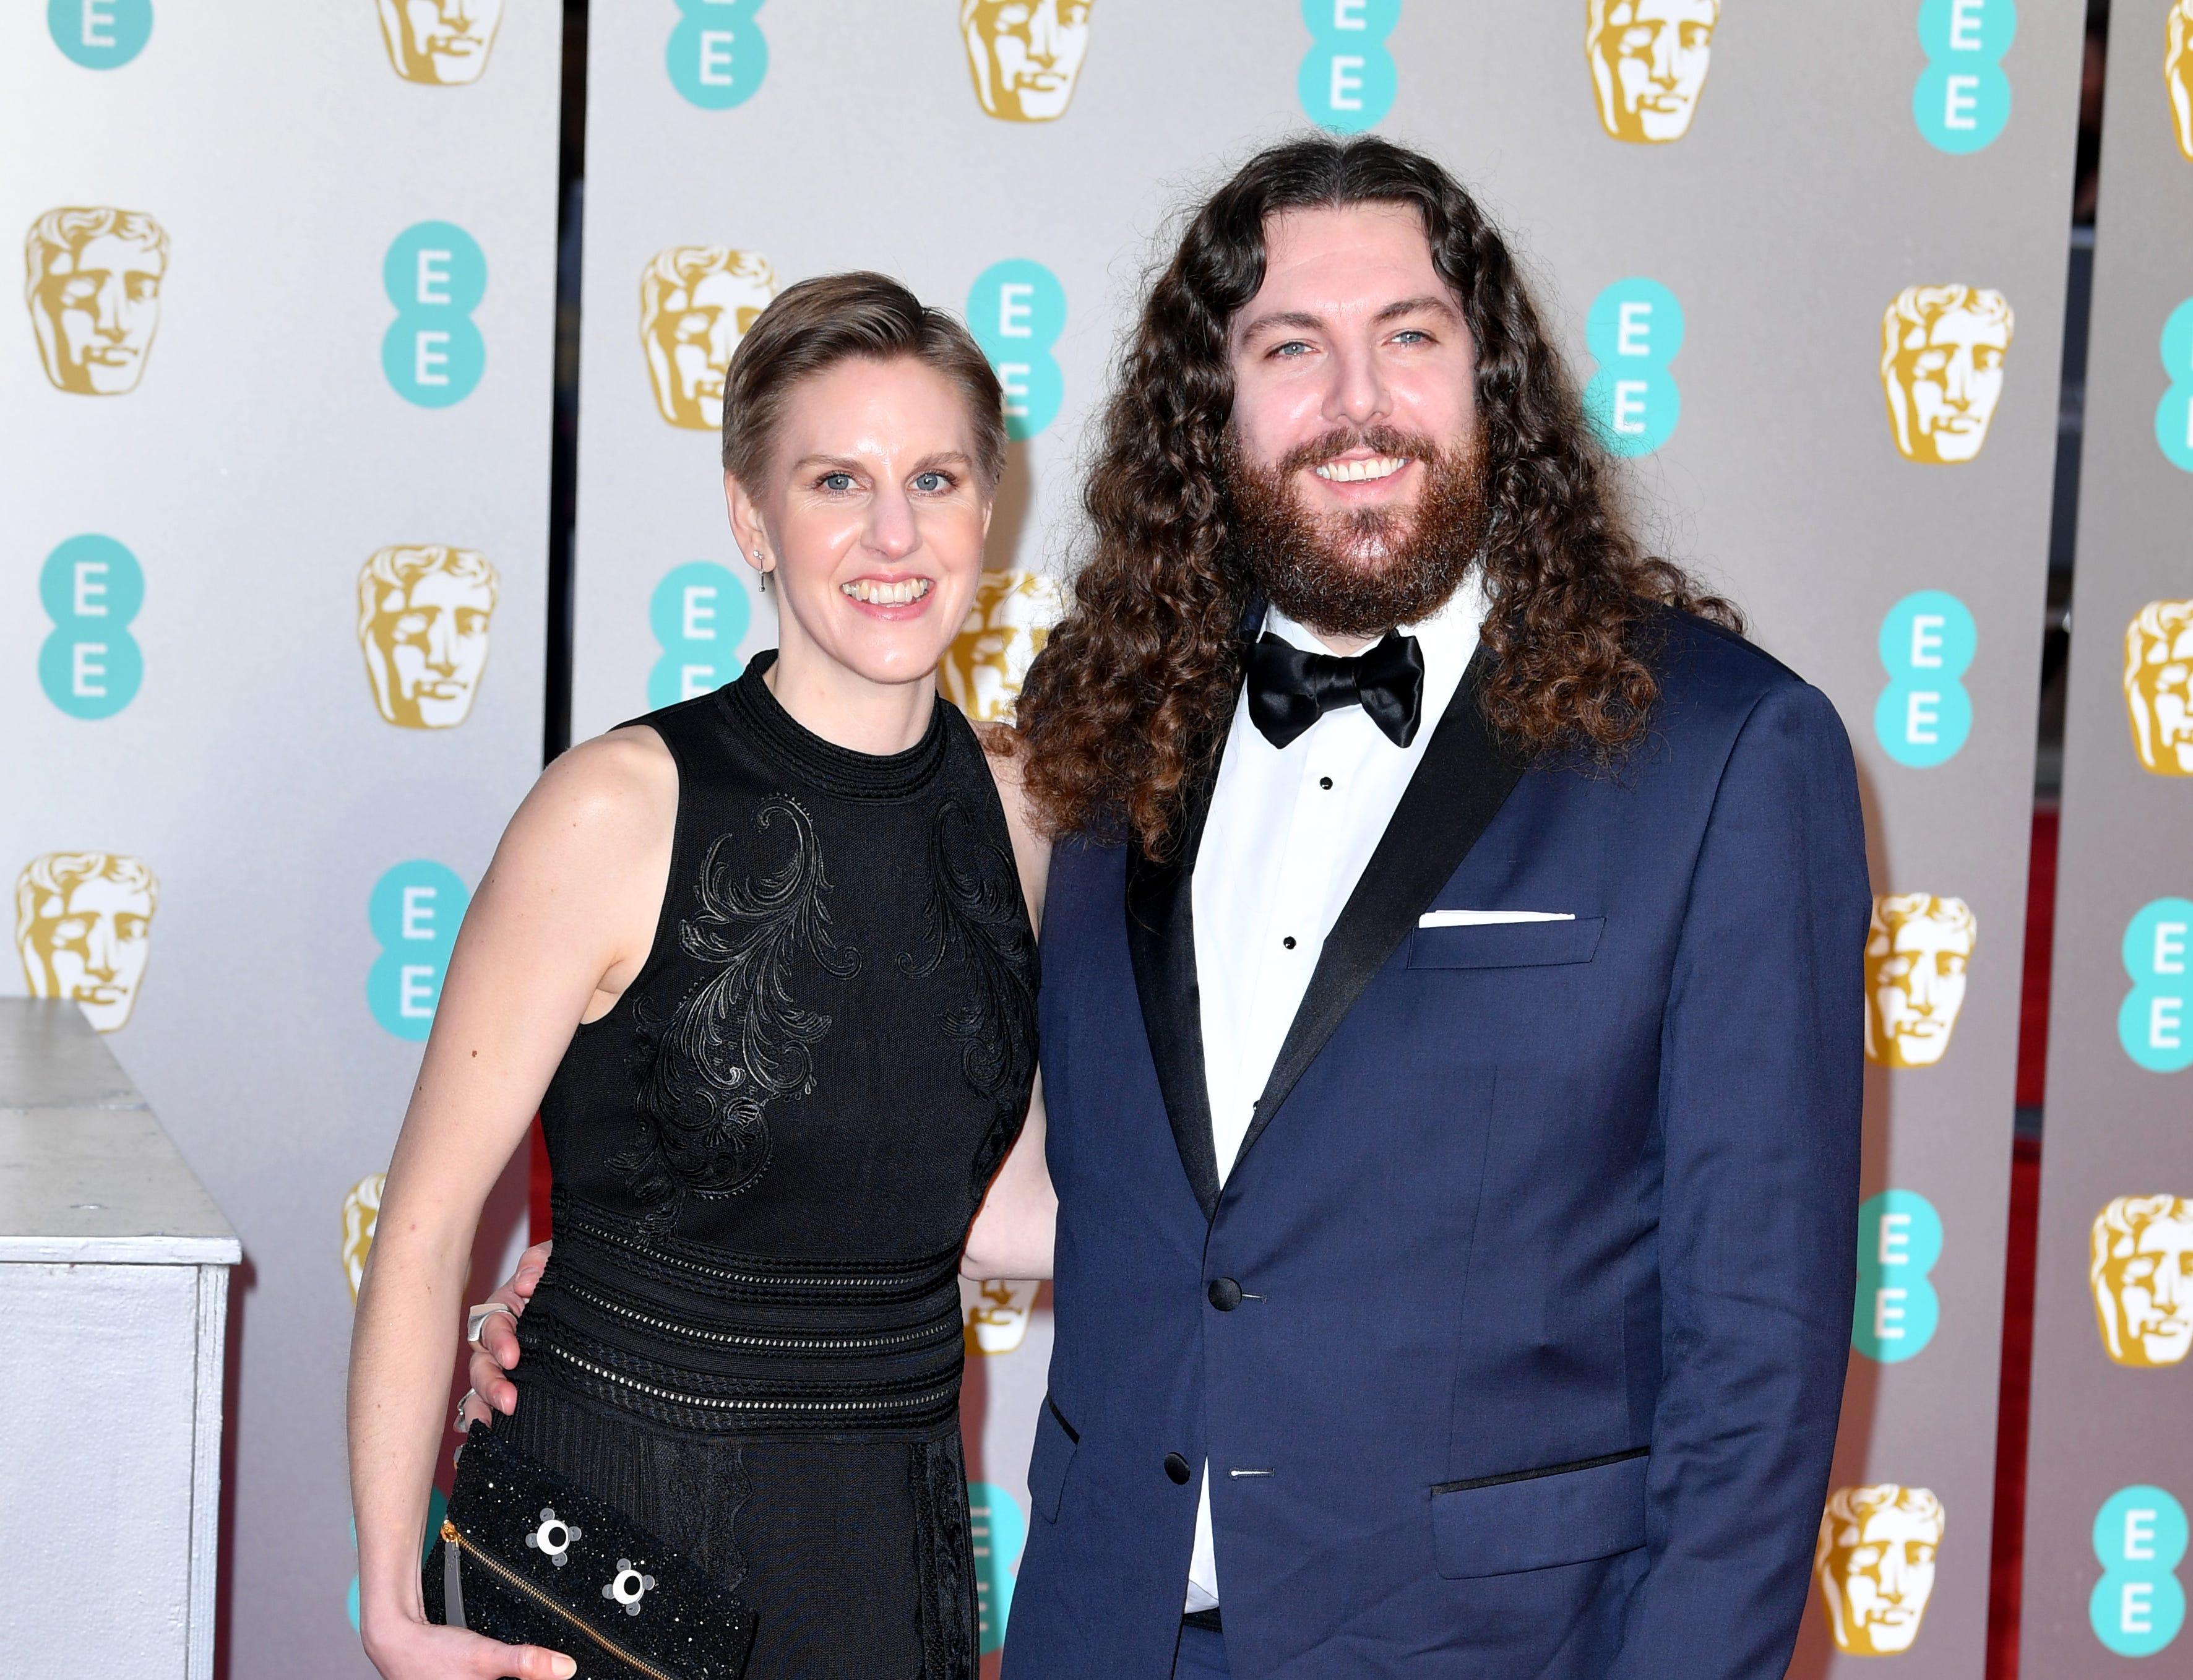 Adam Gough (der) a su llegada a la alfombra roja de los Premios de la Academia Británica de Cine BAFTA en el Royal Albert Hall en Londres el 10 de febrero de 2019.